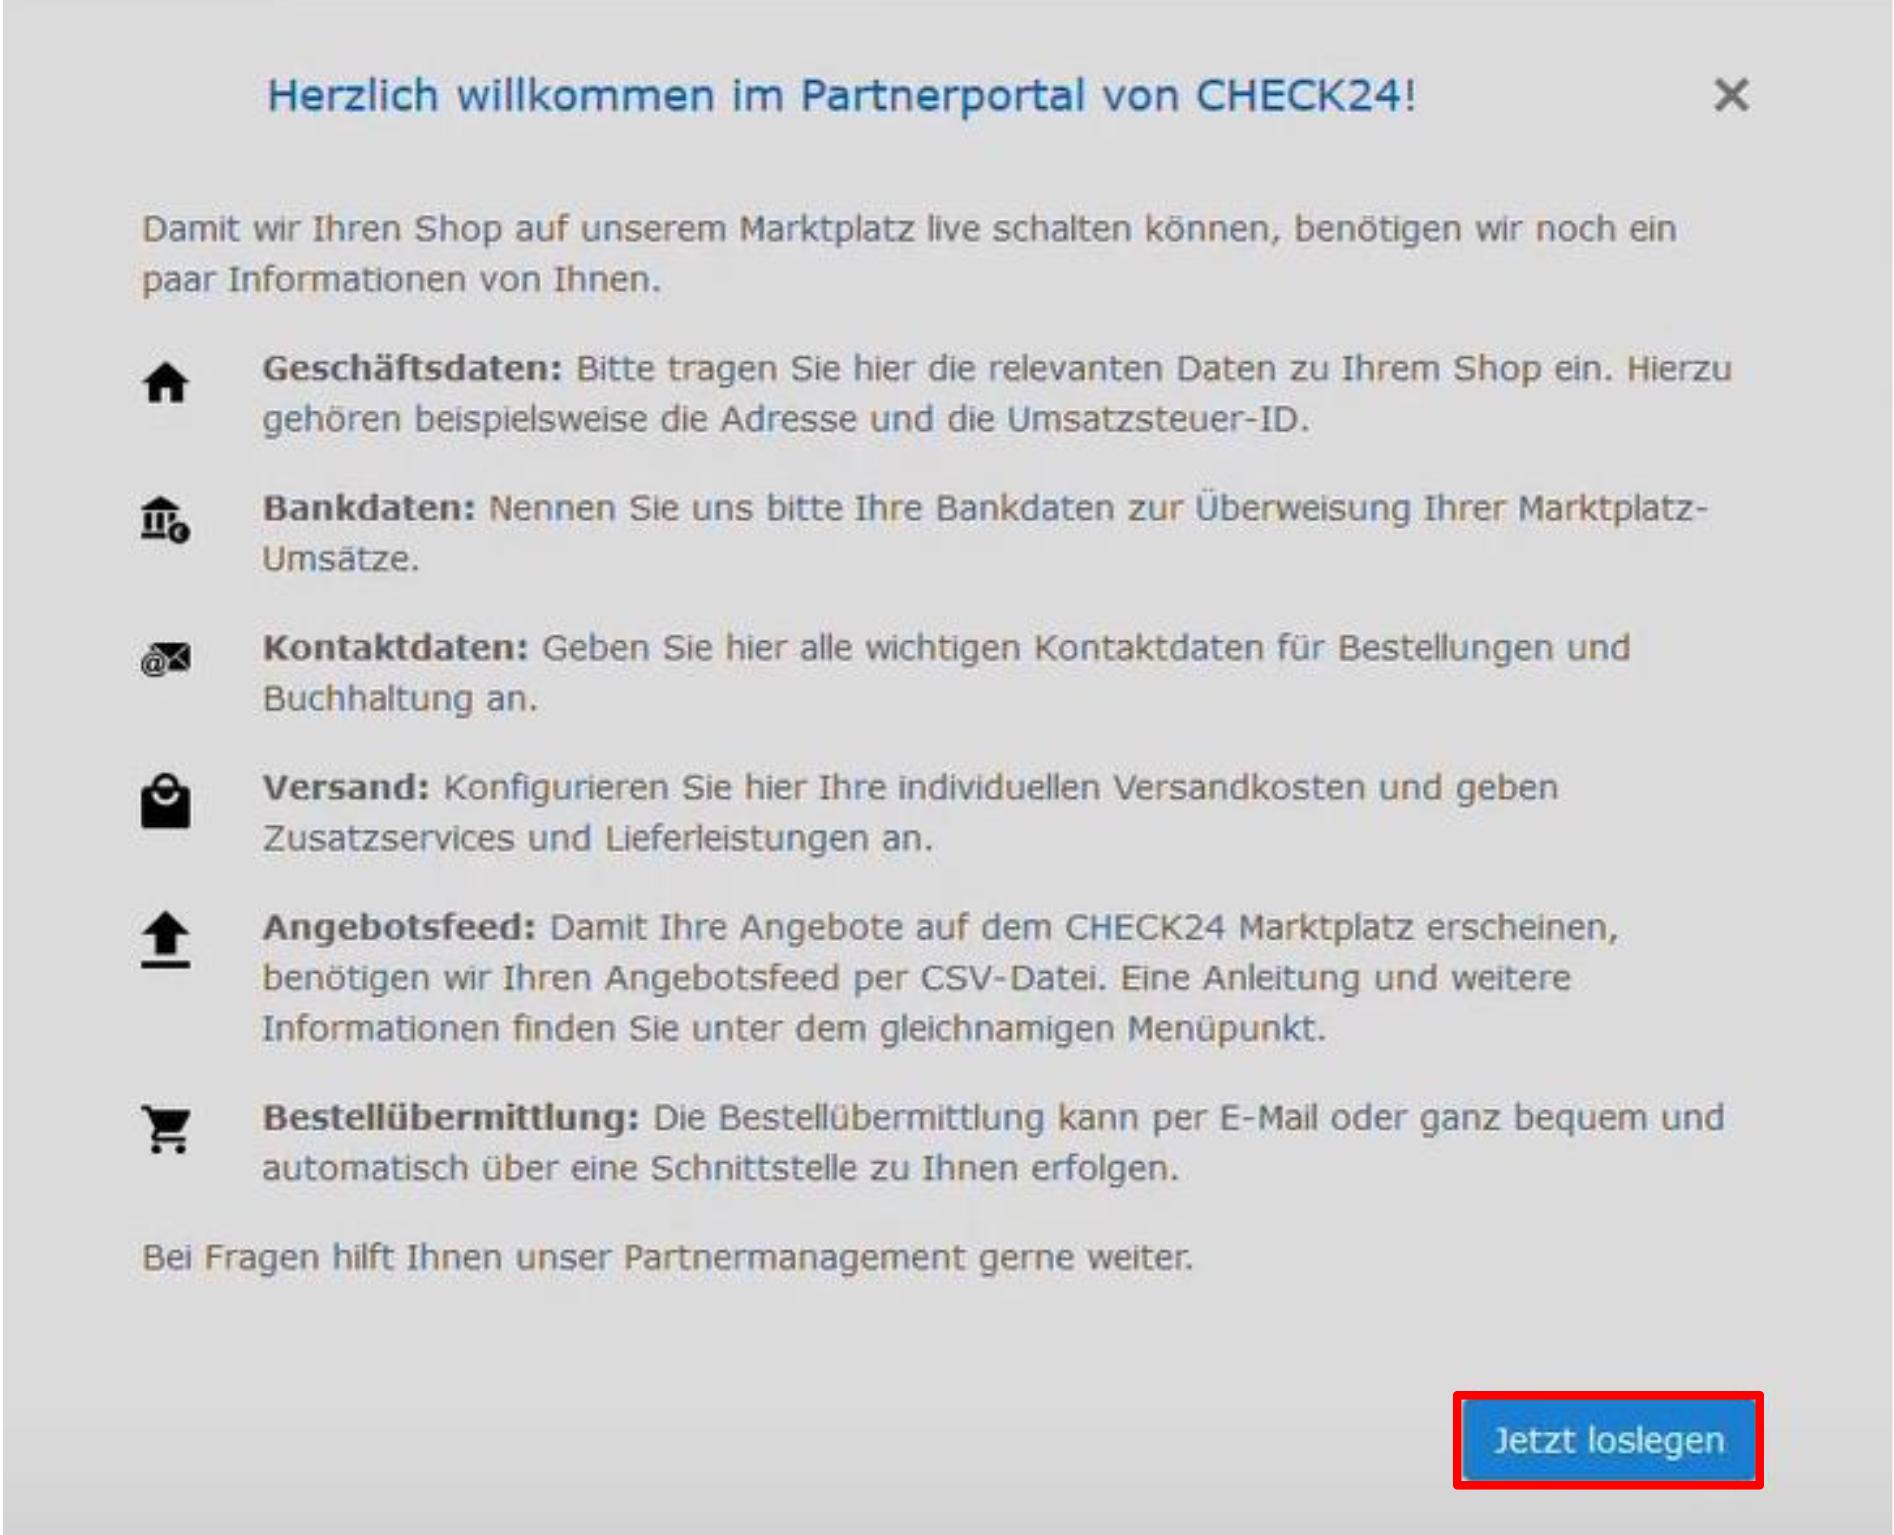 Das Bild zeigt das CHECK24 Partnerportal.